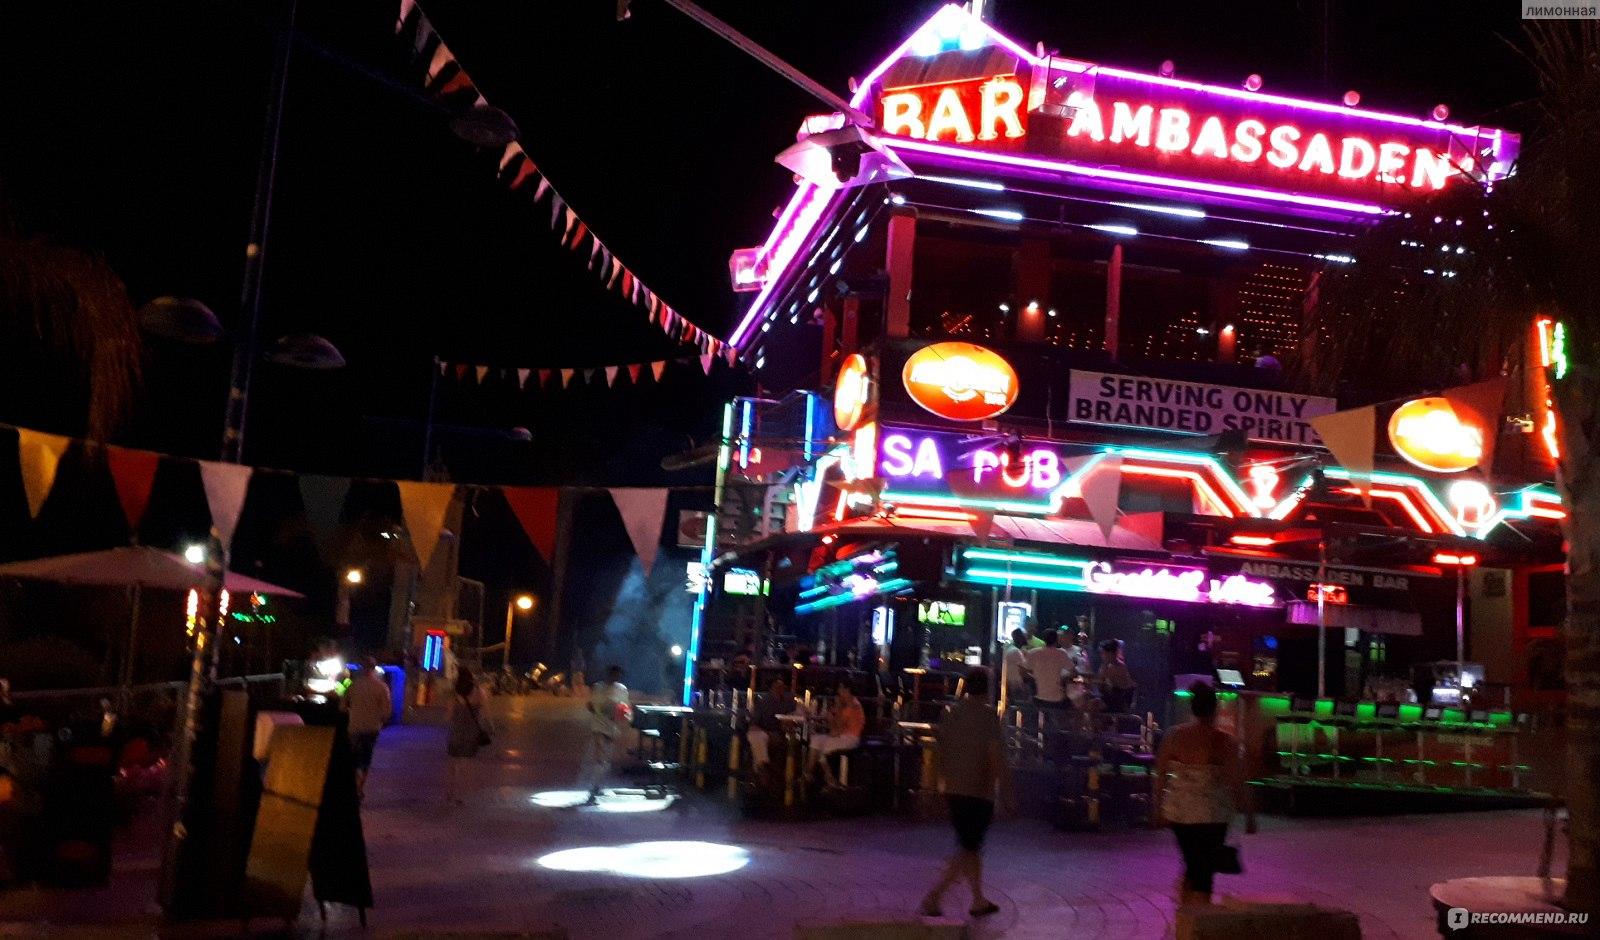 нашем улица баров айя напа фото и отзывы аквапарке мореон нет